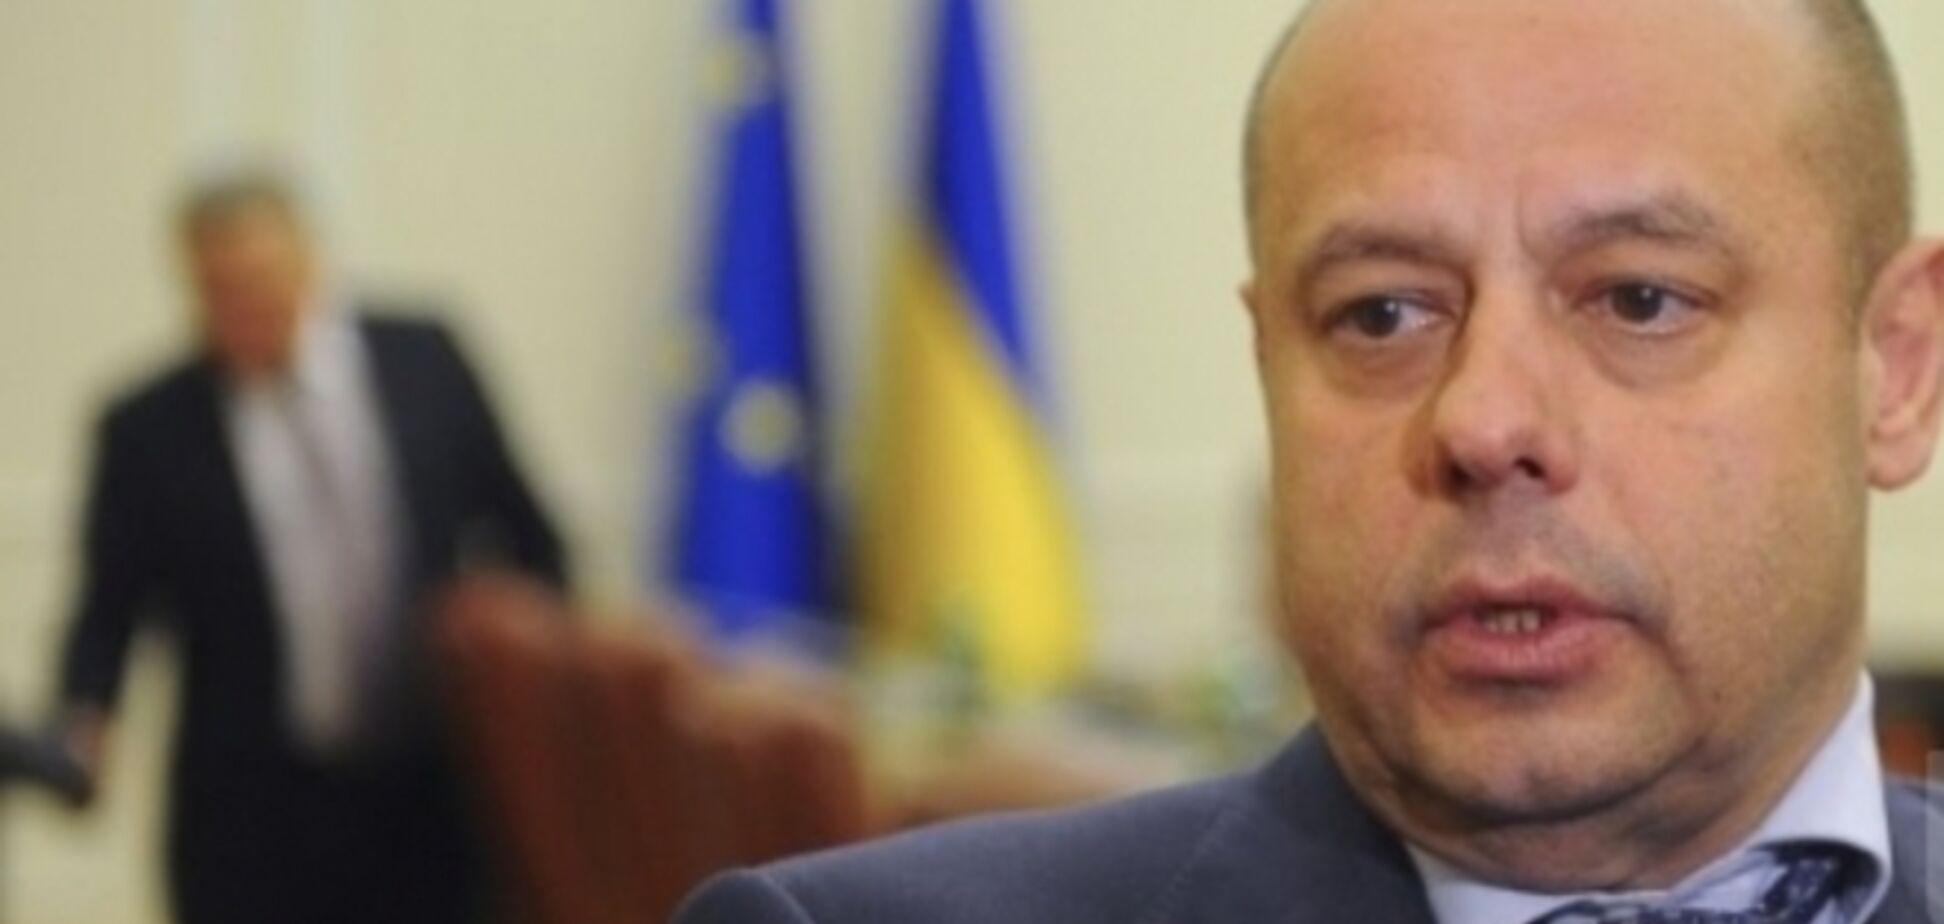 Продан напомнил Медведеву, что Украина не импортирует электроэнергию из РФ